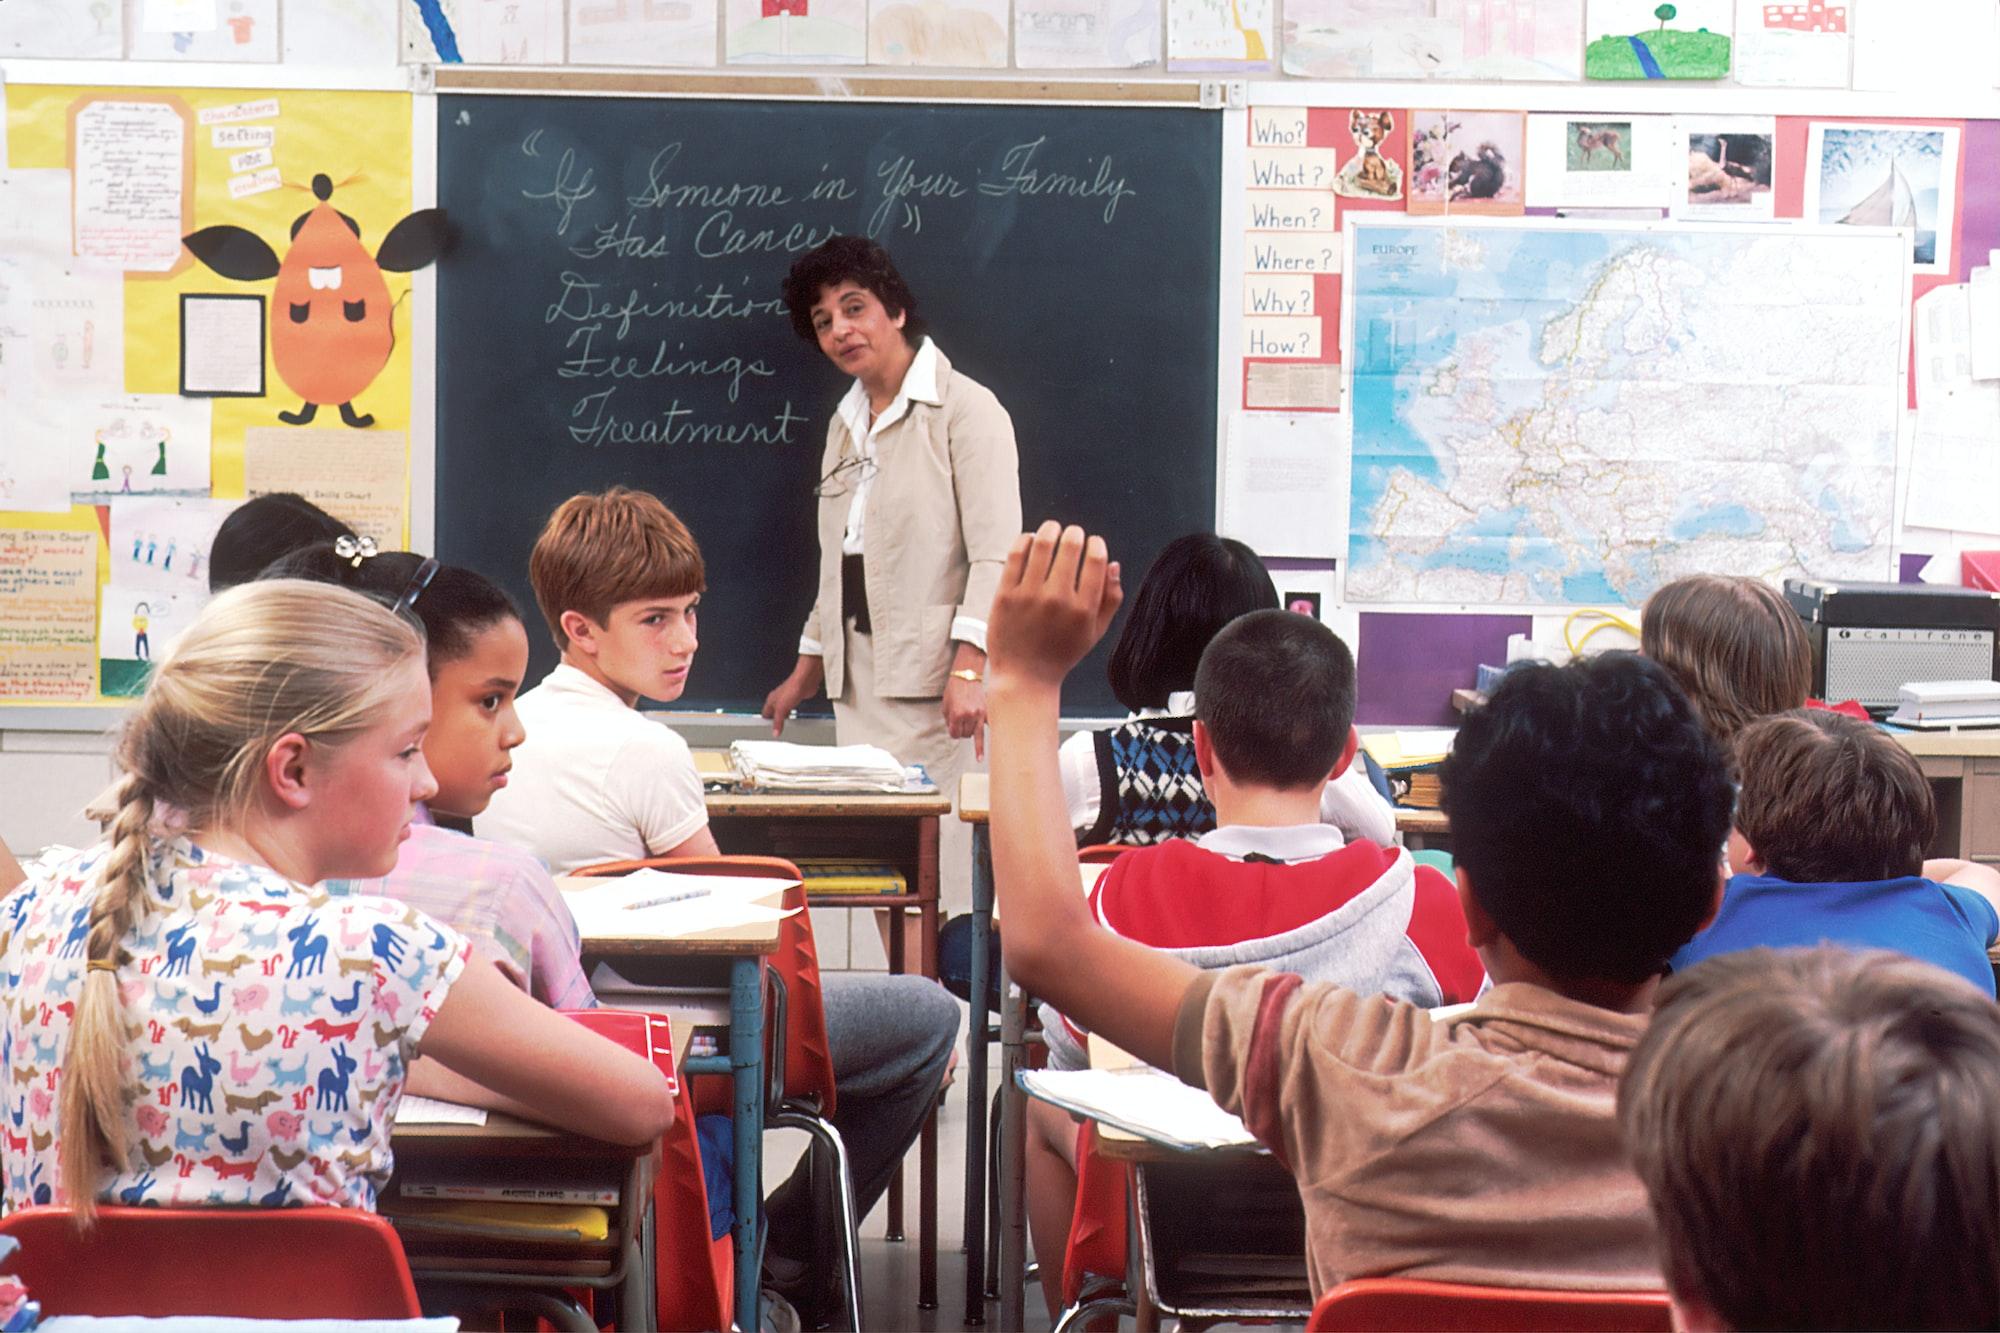 अमेरिका: स्कूल खुलते ही 7.5 लाख बच्चे कोरोना प्रभावित